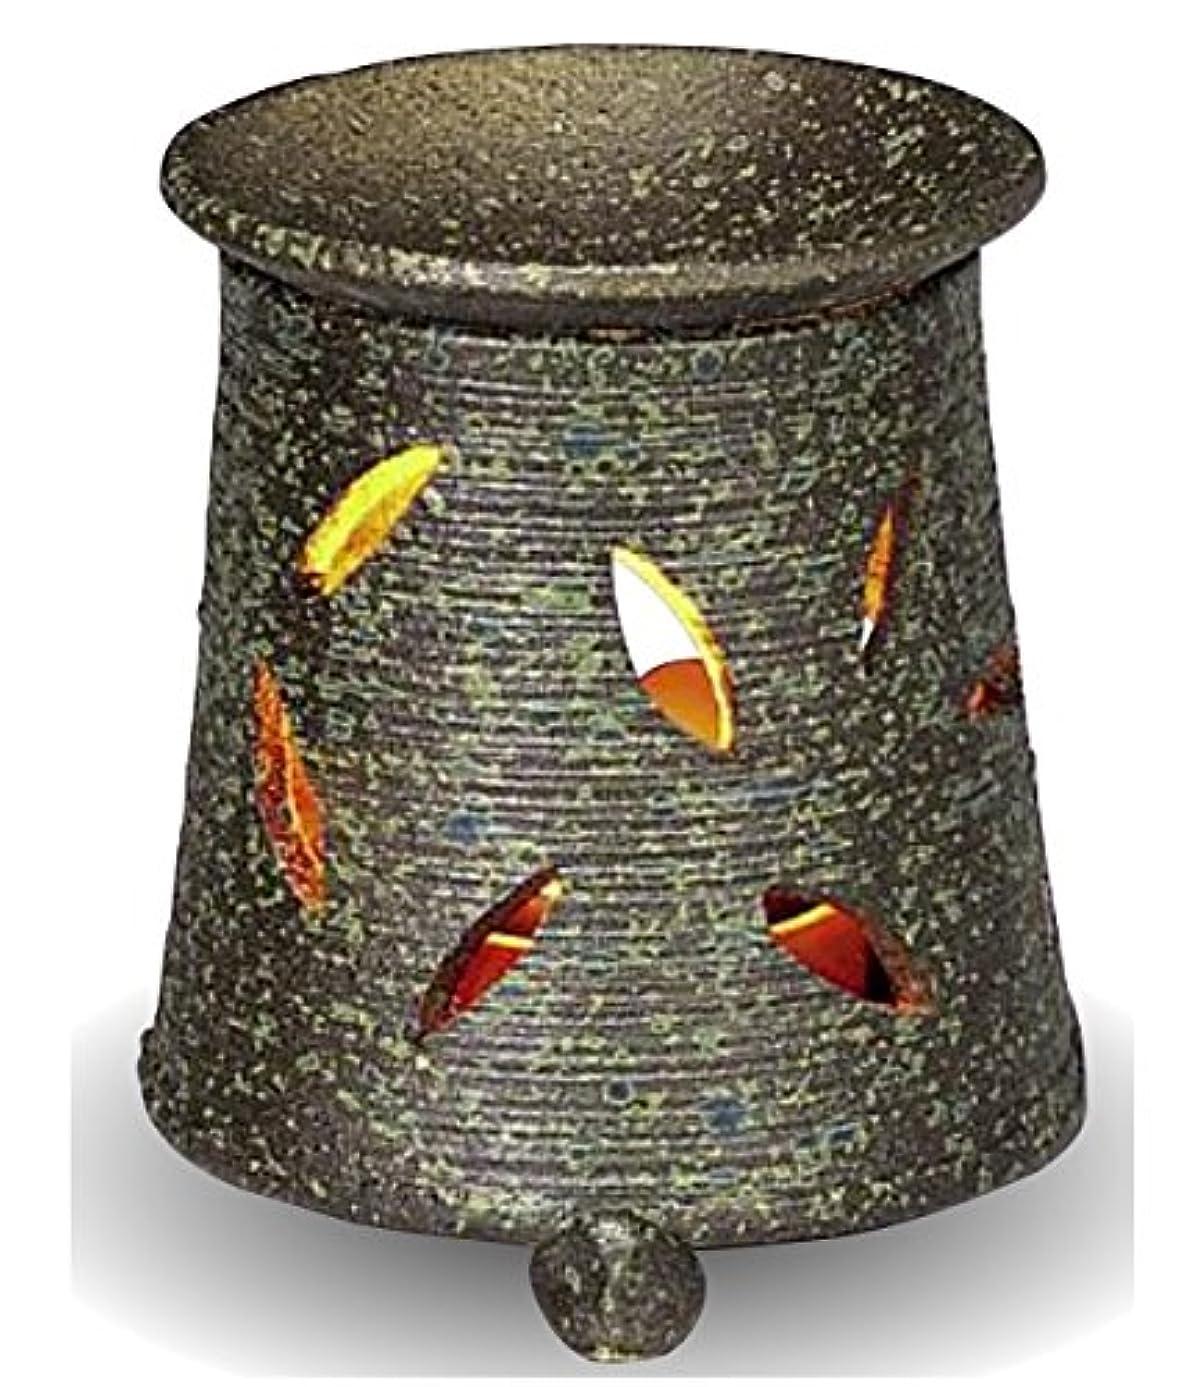 威する物語貢献する常滑焼 茶香炉(アロマポット)径9.5×高さ10.5cm